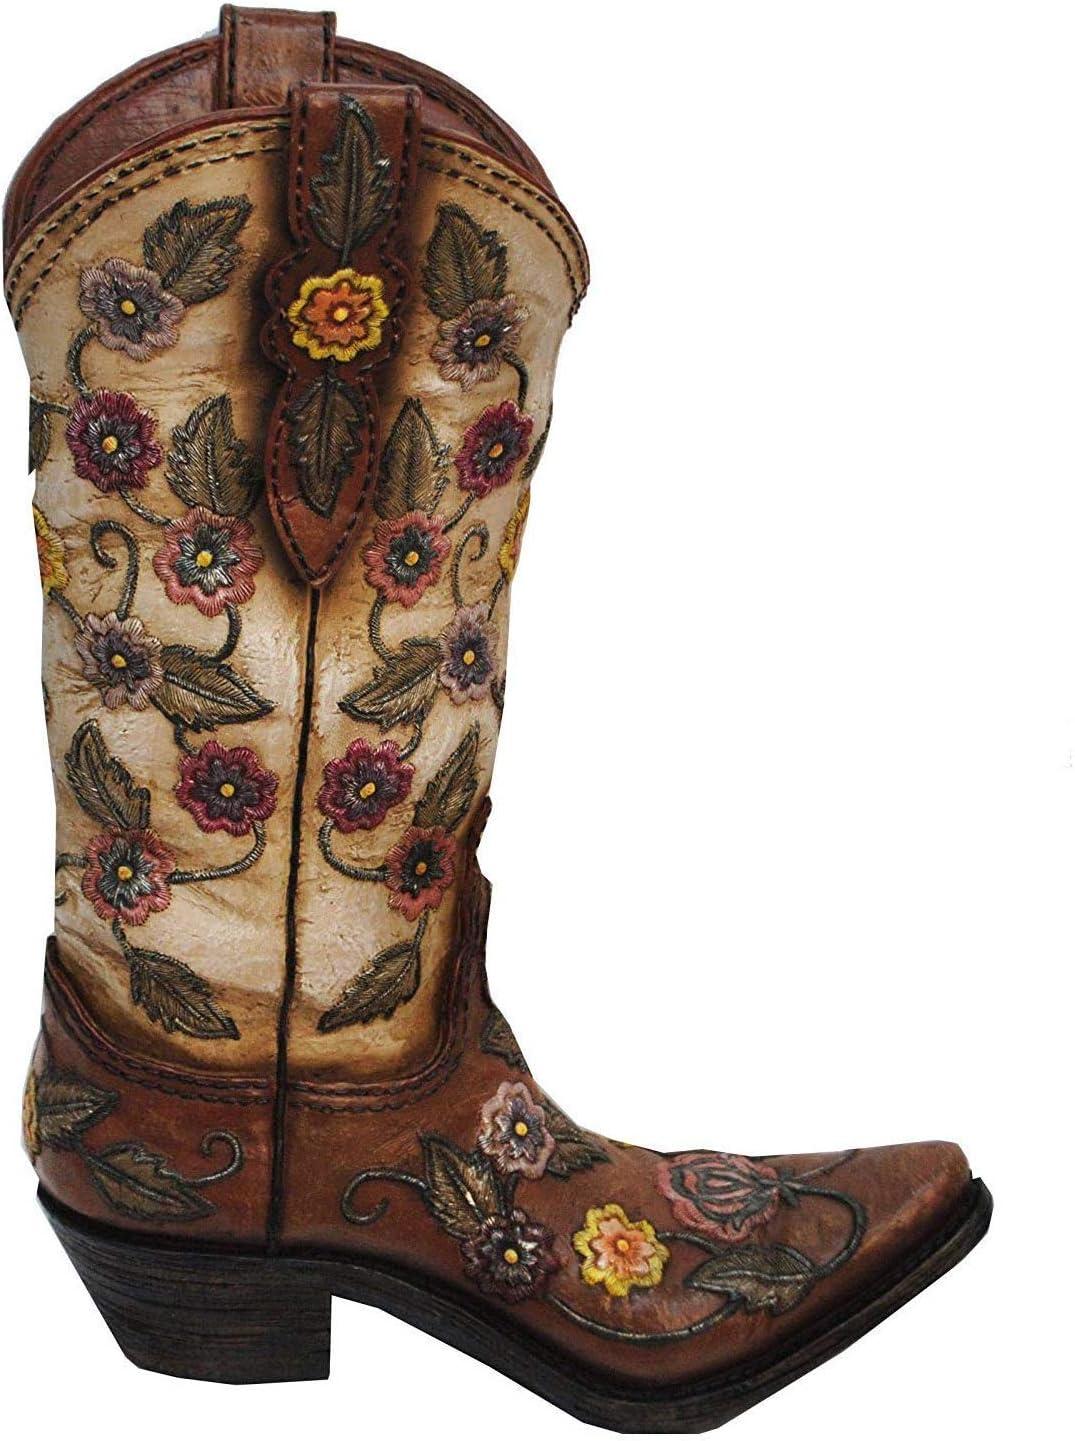 HiEnd Accents Flower Design Cowboy Boot Vase, 13 x 9 x 3 , Cream Brown